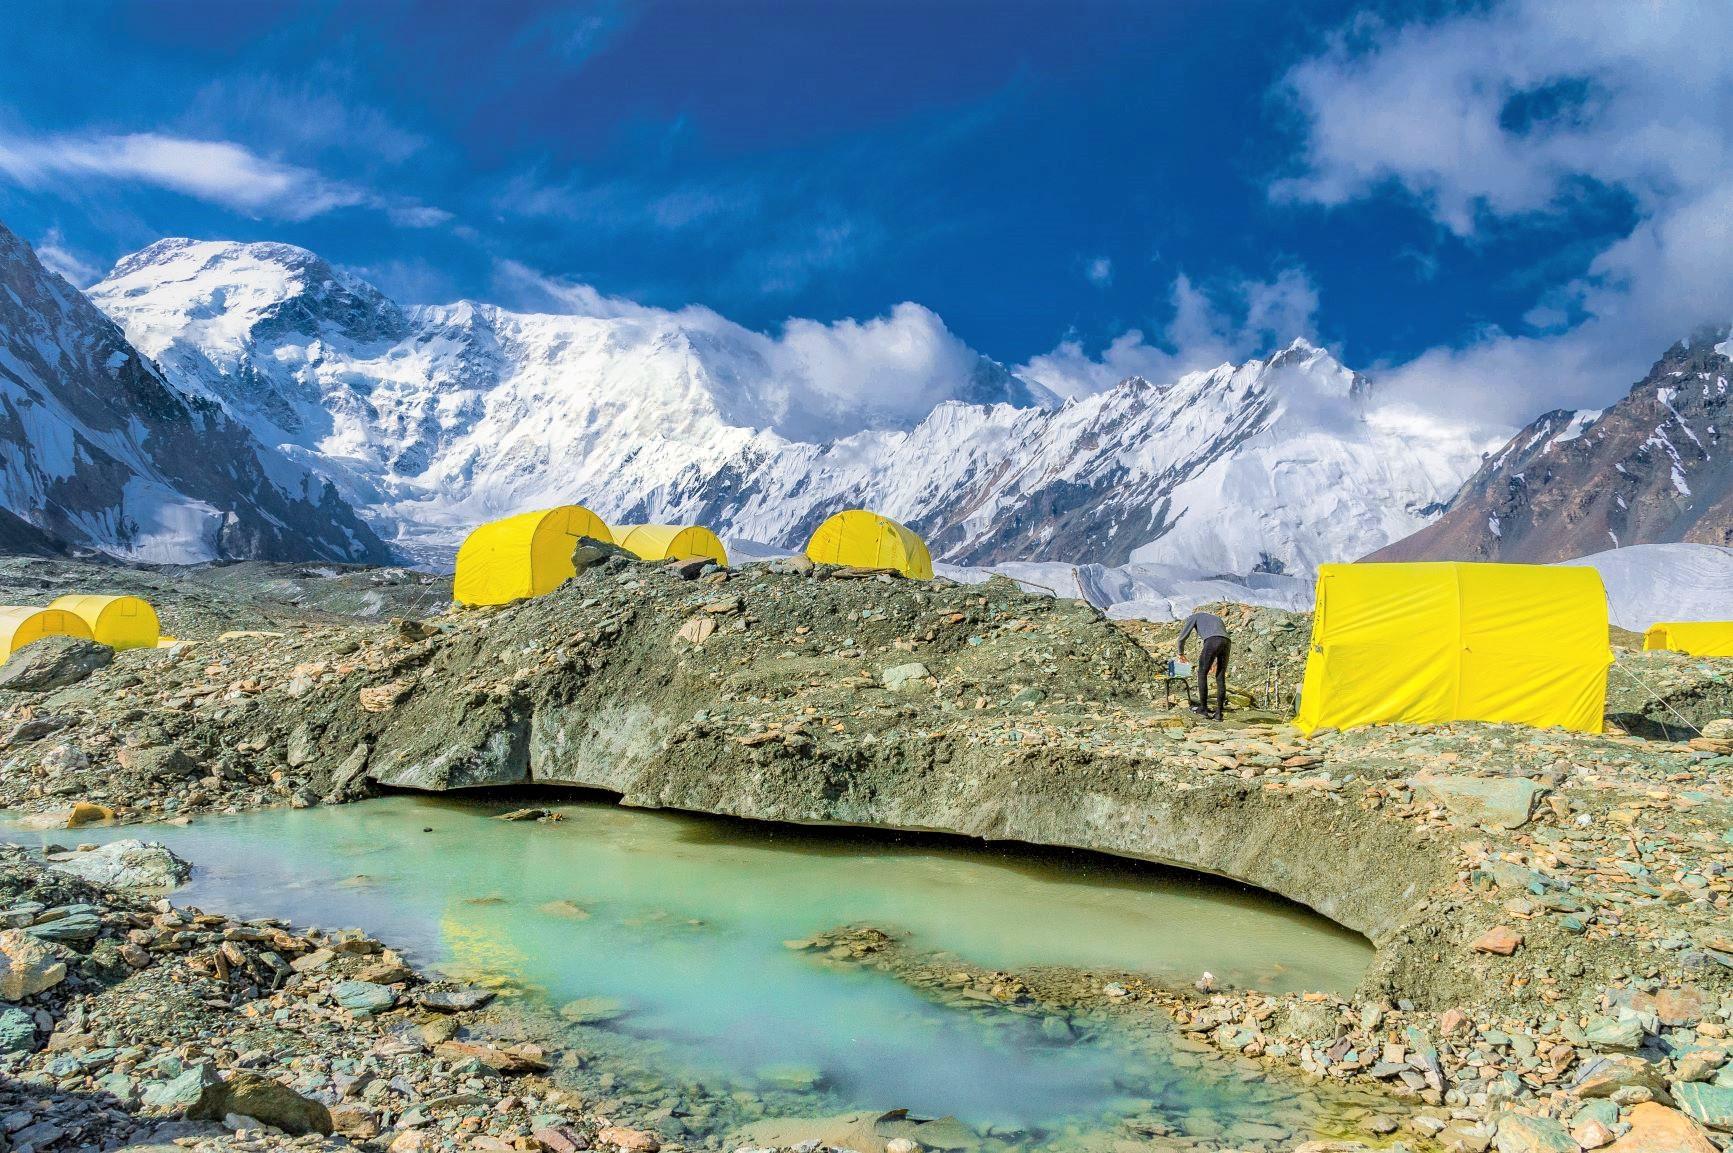 氷雪峰に囲まれたポベーダ氷河上のベースキャンプに滞在し、撮影を存分に楽しむ